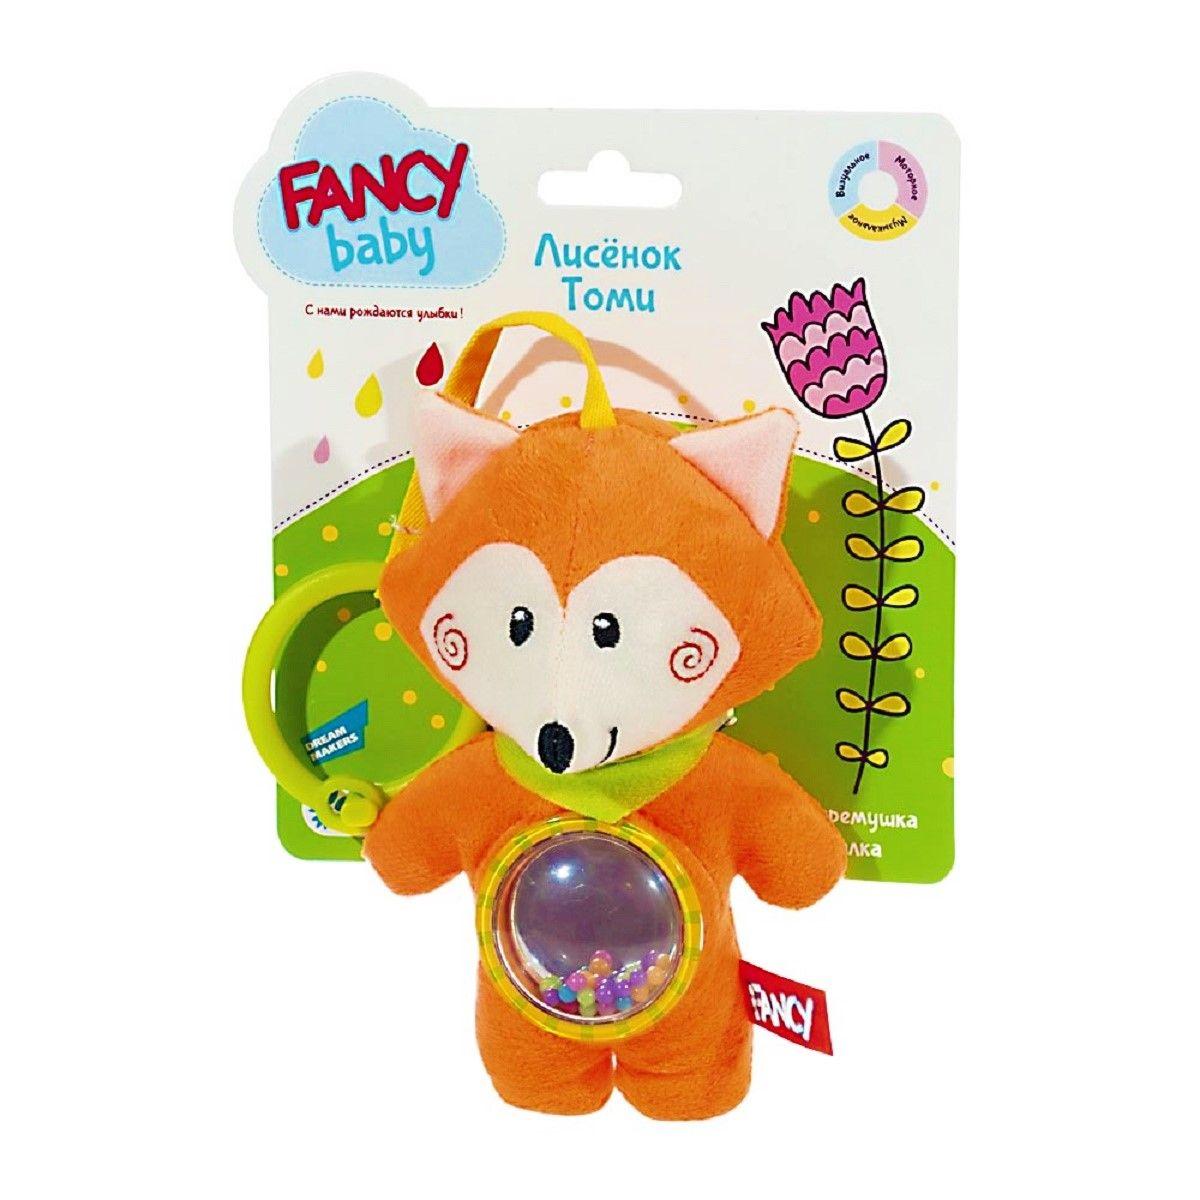 Fancy Развивающая игрушка Лисенок ТомиFOX0Игрушка-подвеска с элементами: пищалка, погремушка с шариками.